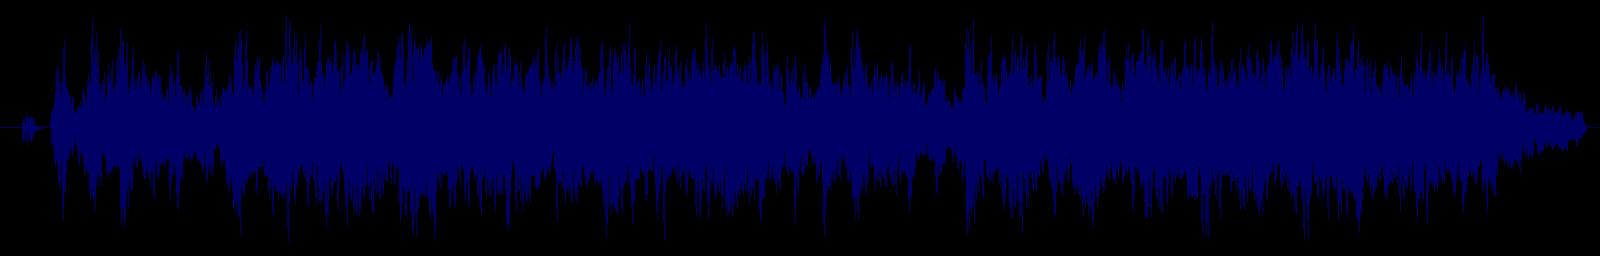 waveform of track #147134